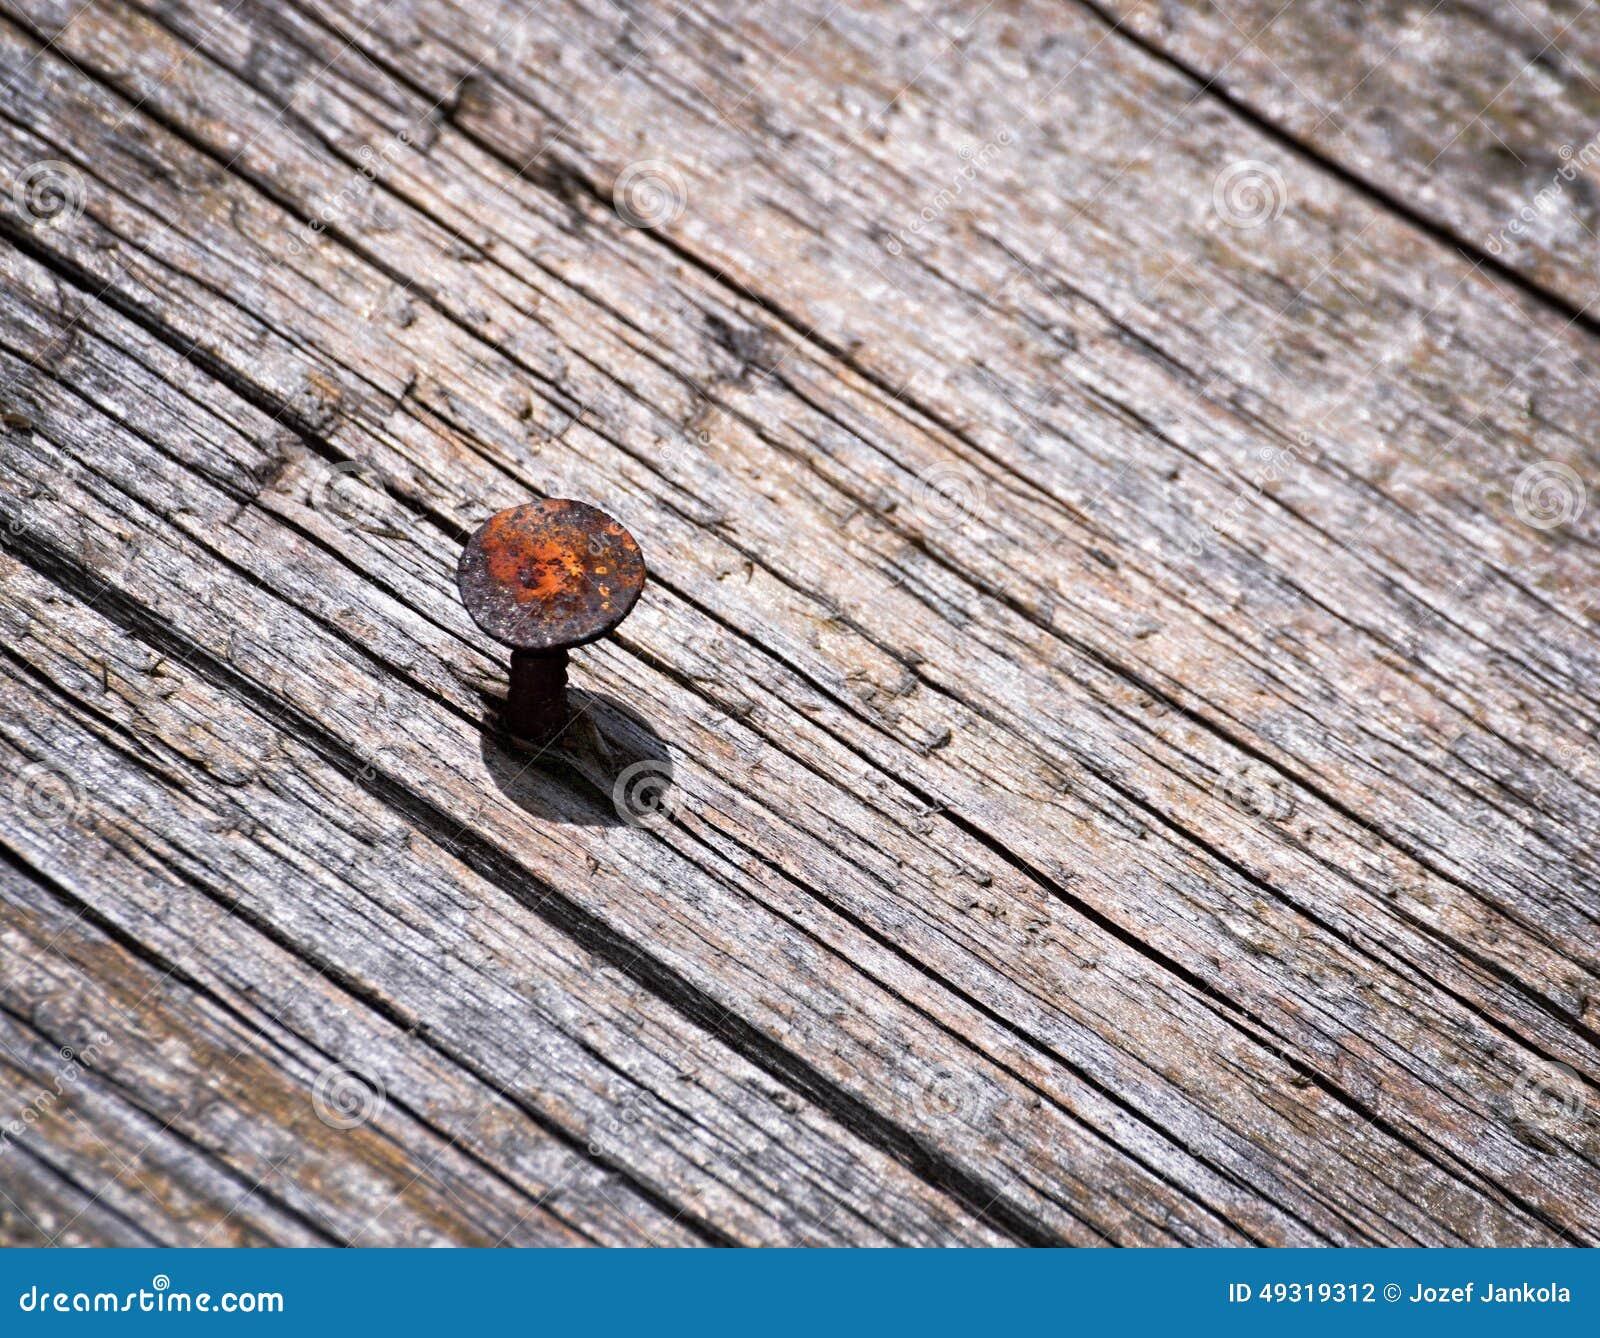 Rostiger Nagel In Einem Alten Hölzernen Brett Stockfoto - Bild von ...